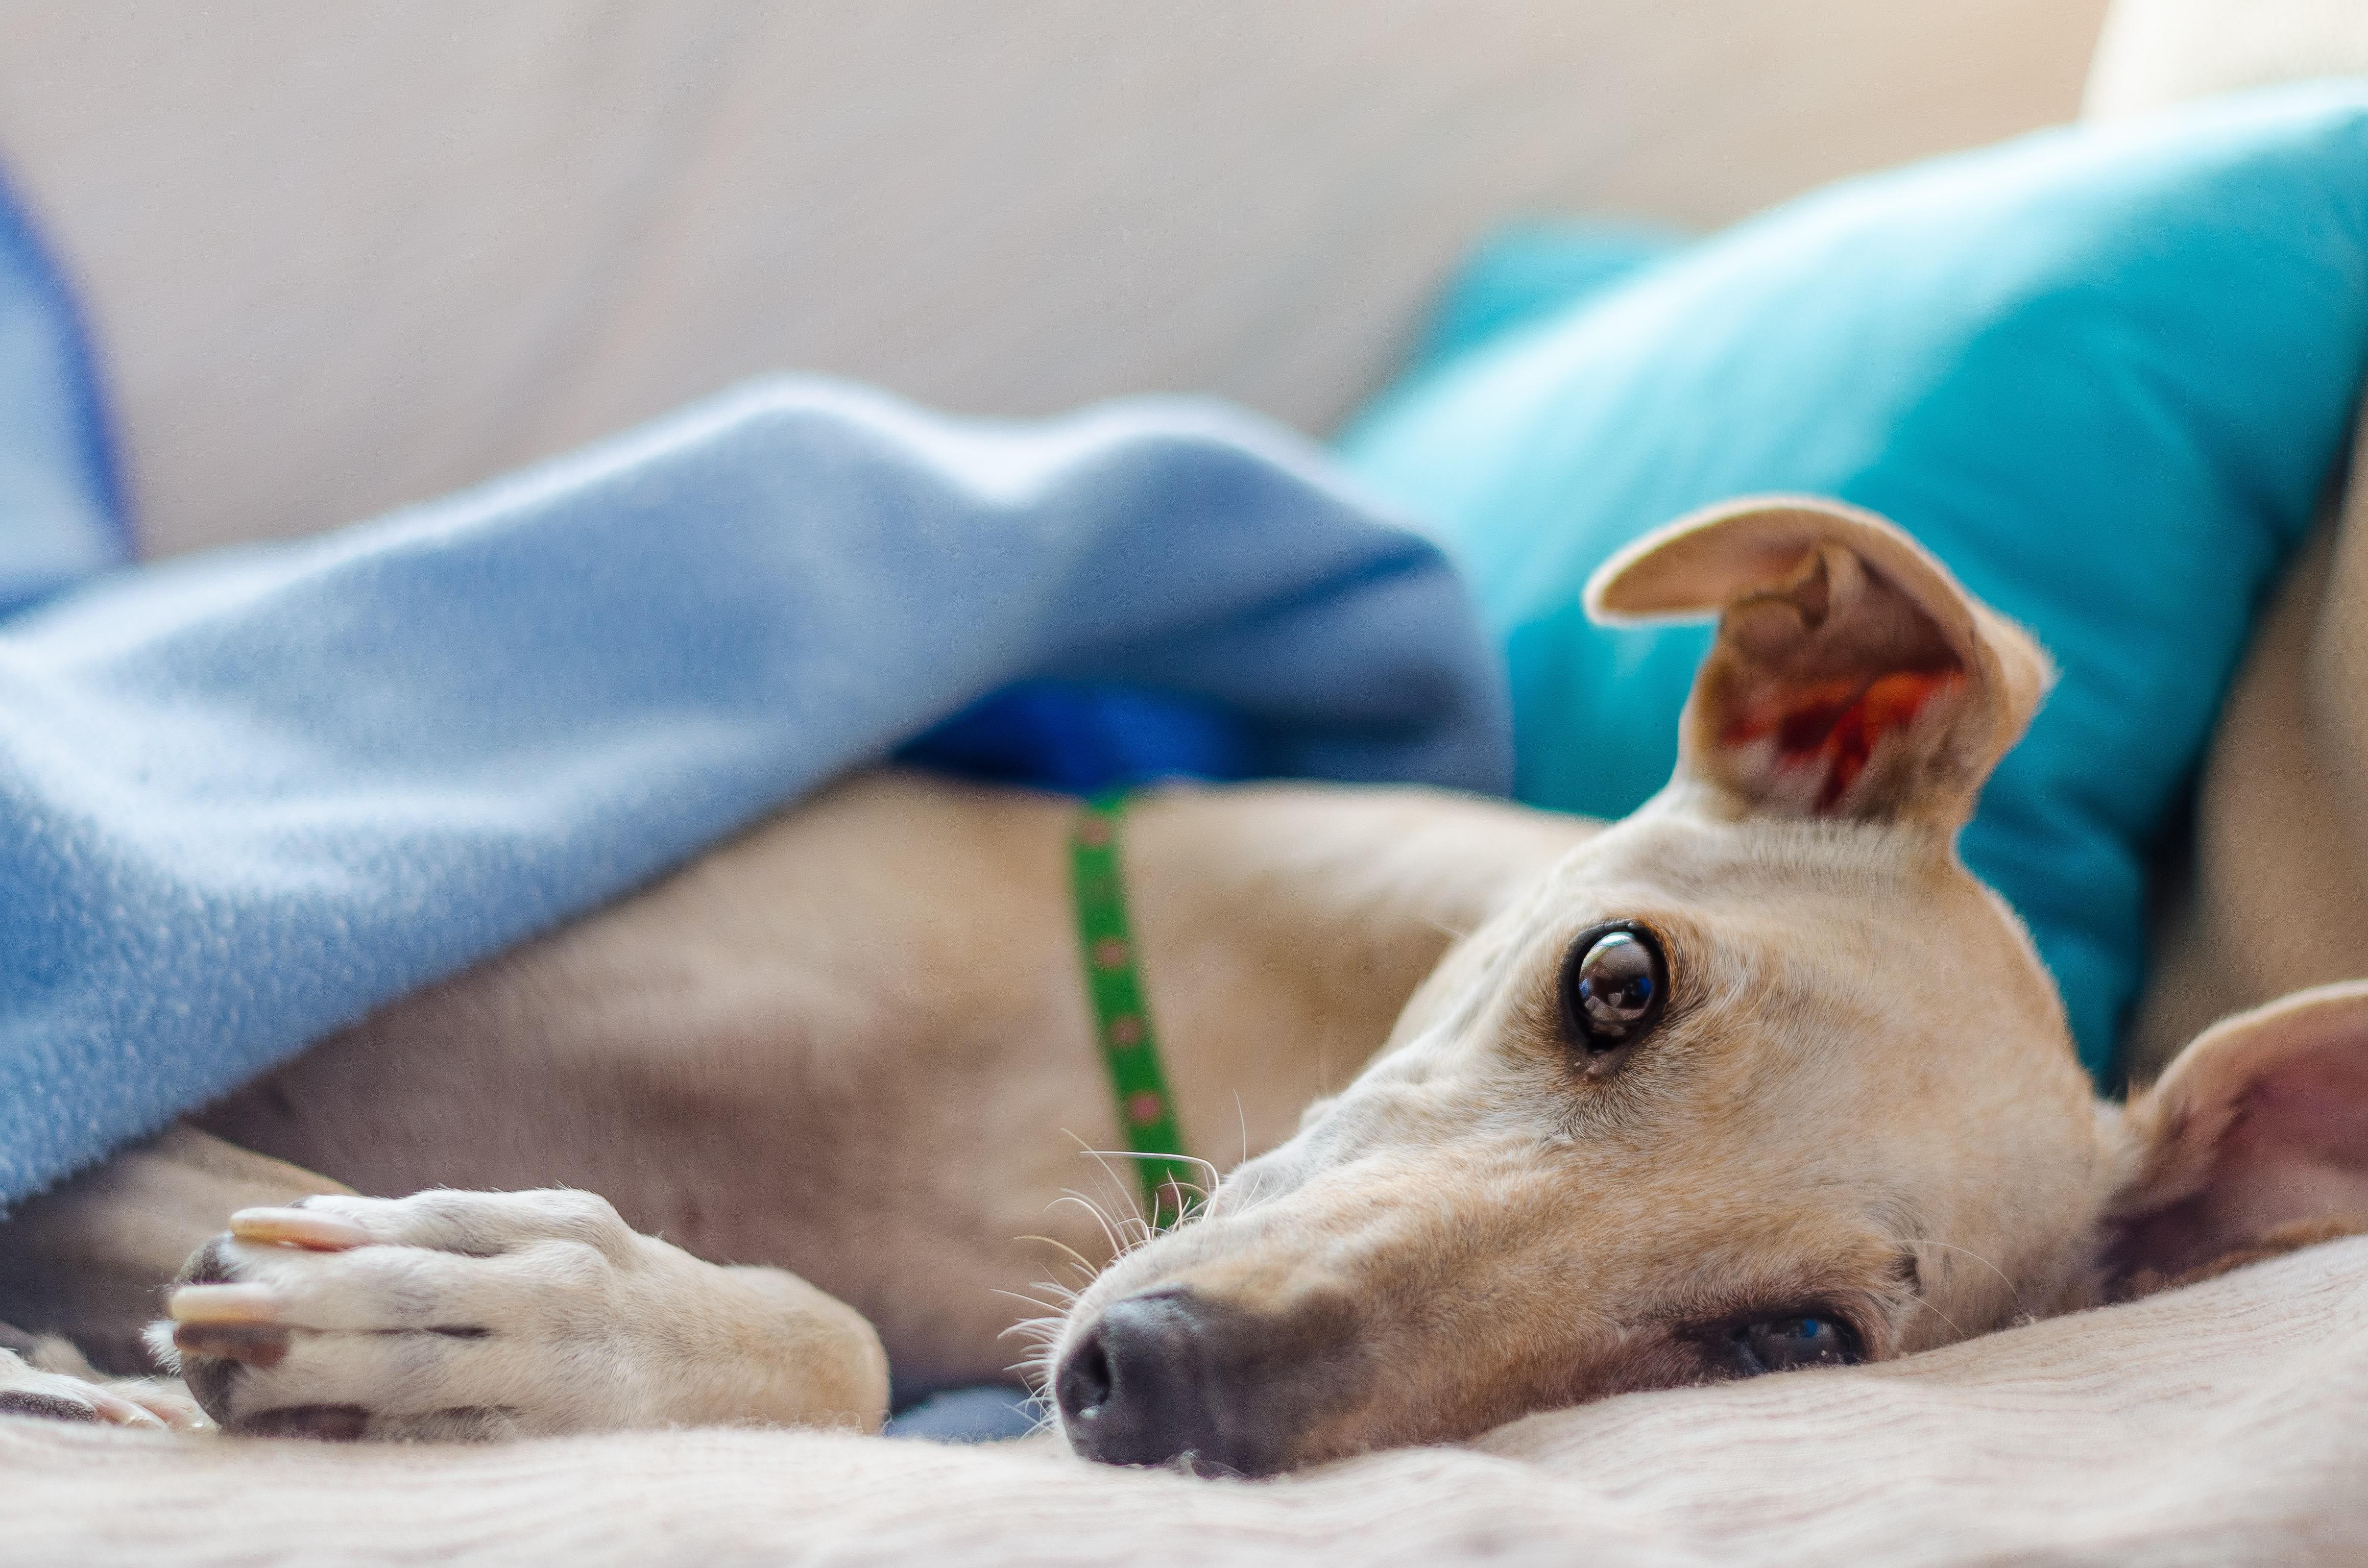 Paralysis Tick - dog under blanket